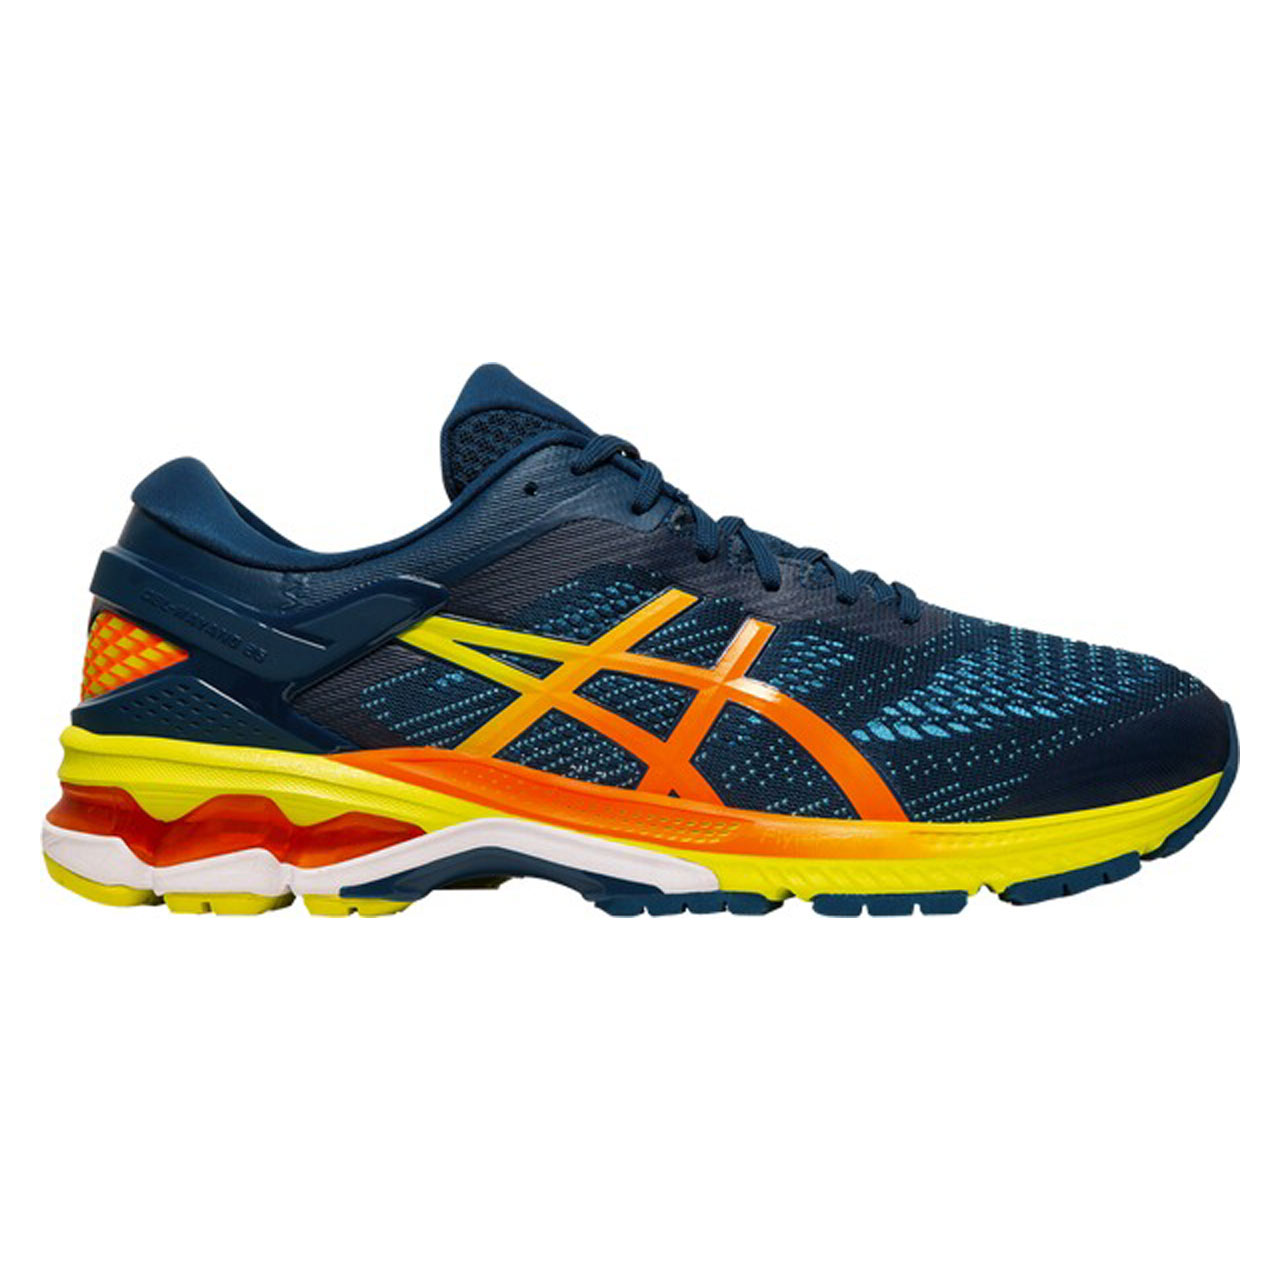 Asics Schuhe & Bekleidung in Coburg kaufen | Intersport